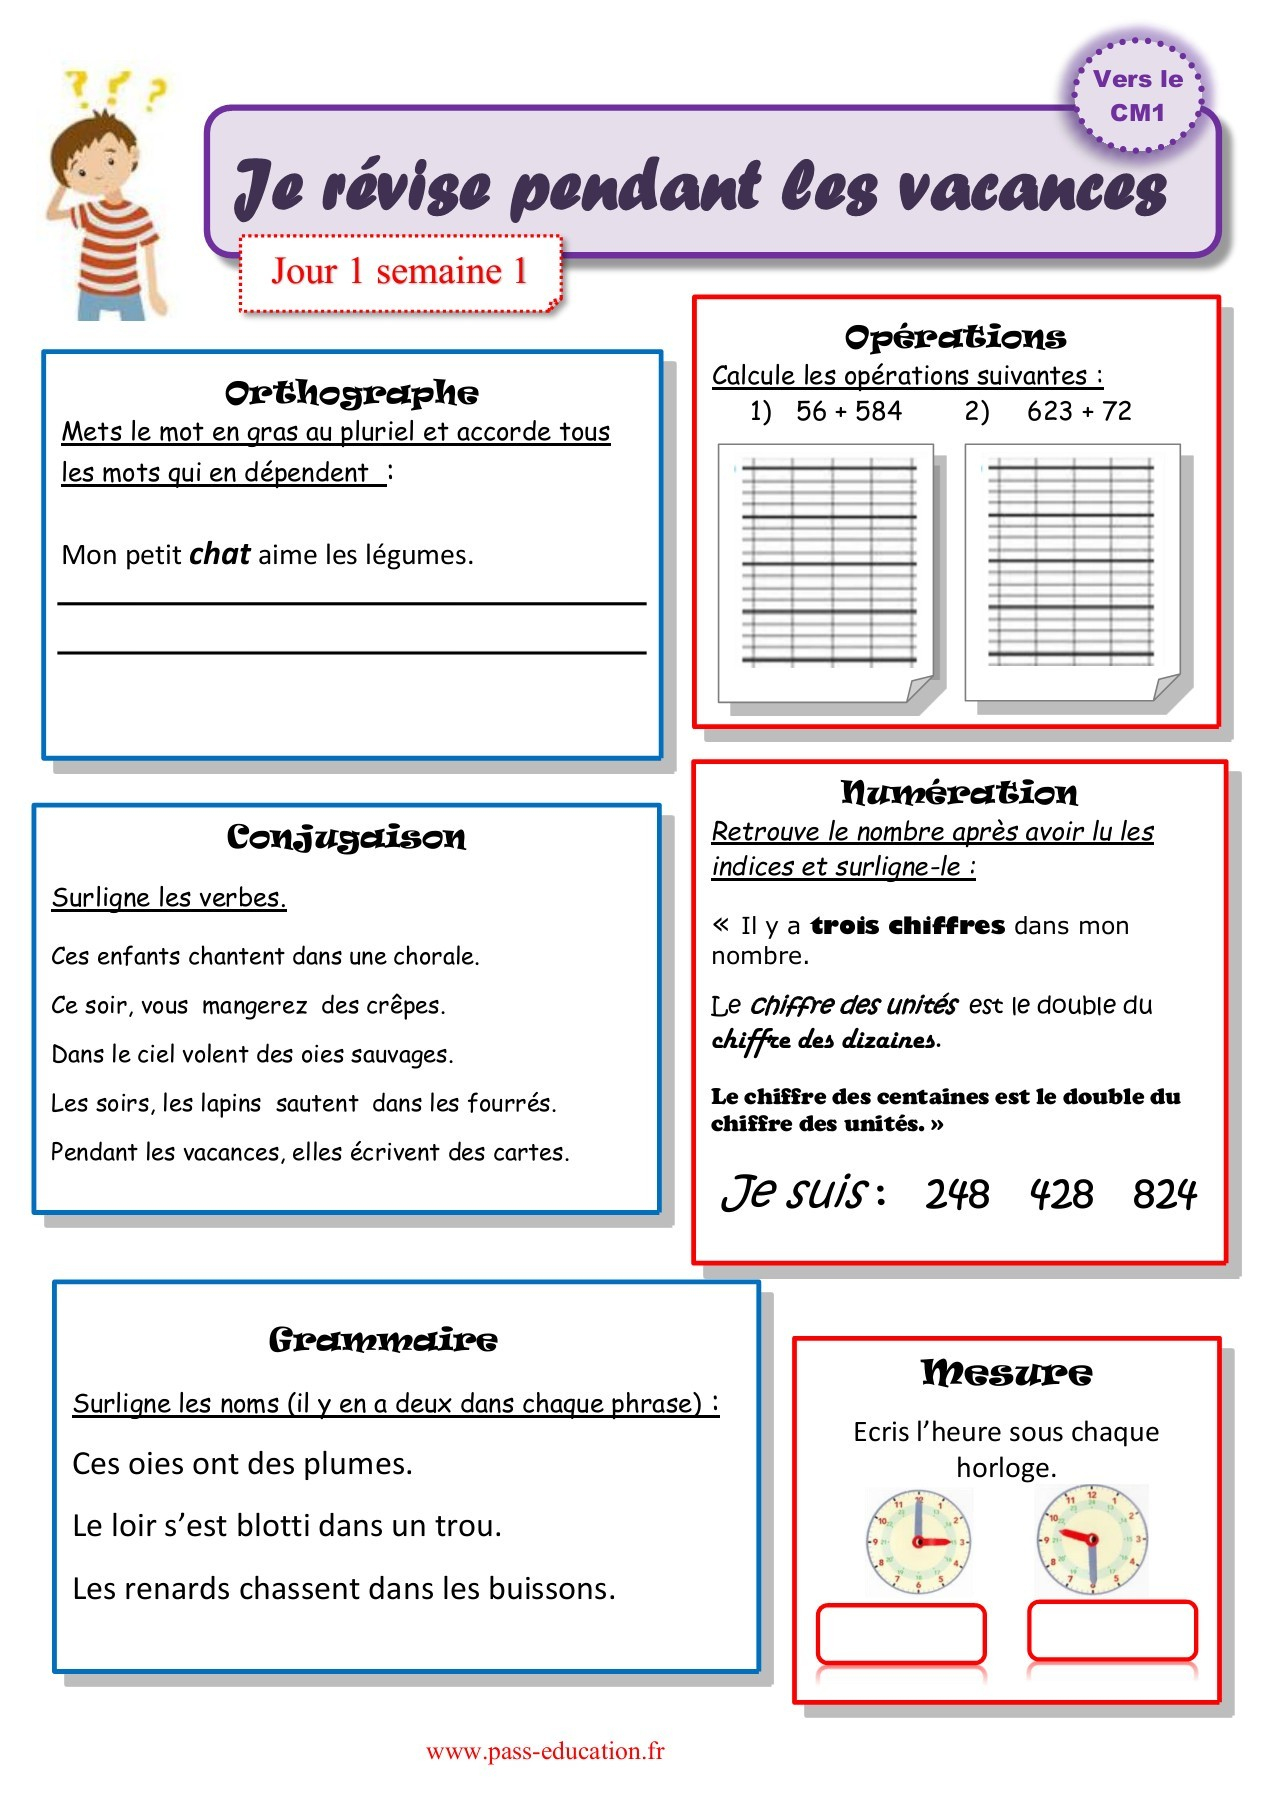 Cahier De Vacances Gratuit À Imprimer - Ce2 Vers Le Cm1 encequiconcerne Mots Fleches Cm1 Imprimer